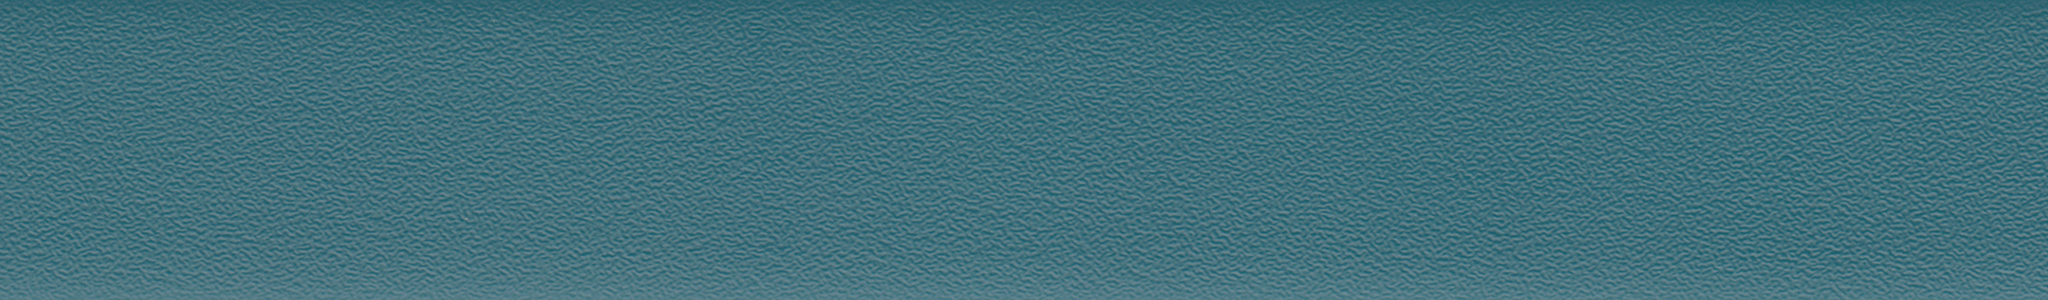 HU 15532 ABS hrana modrá perla 101